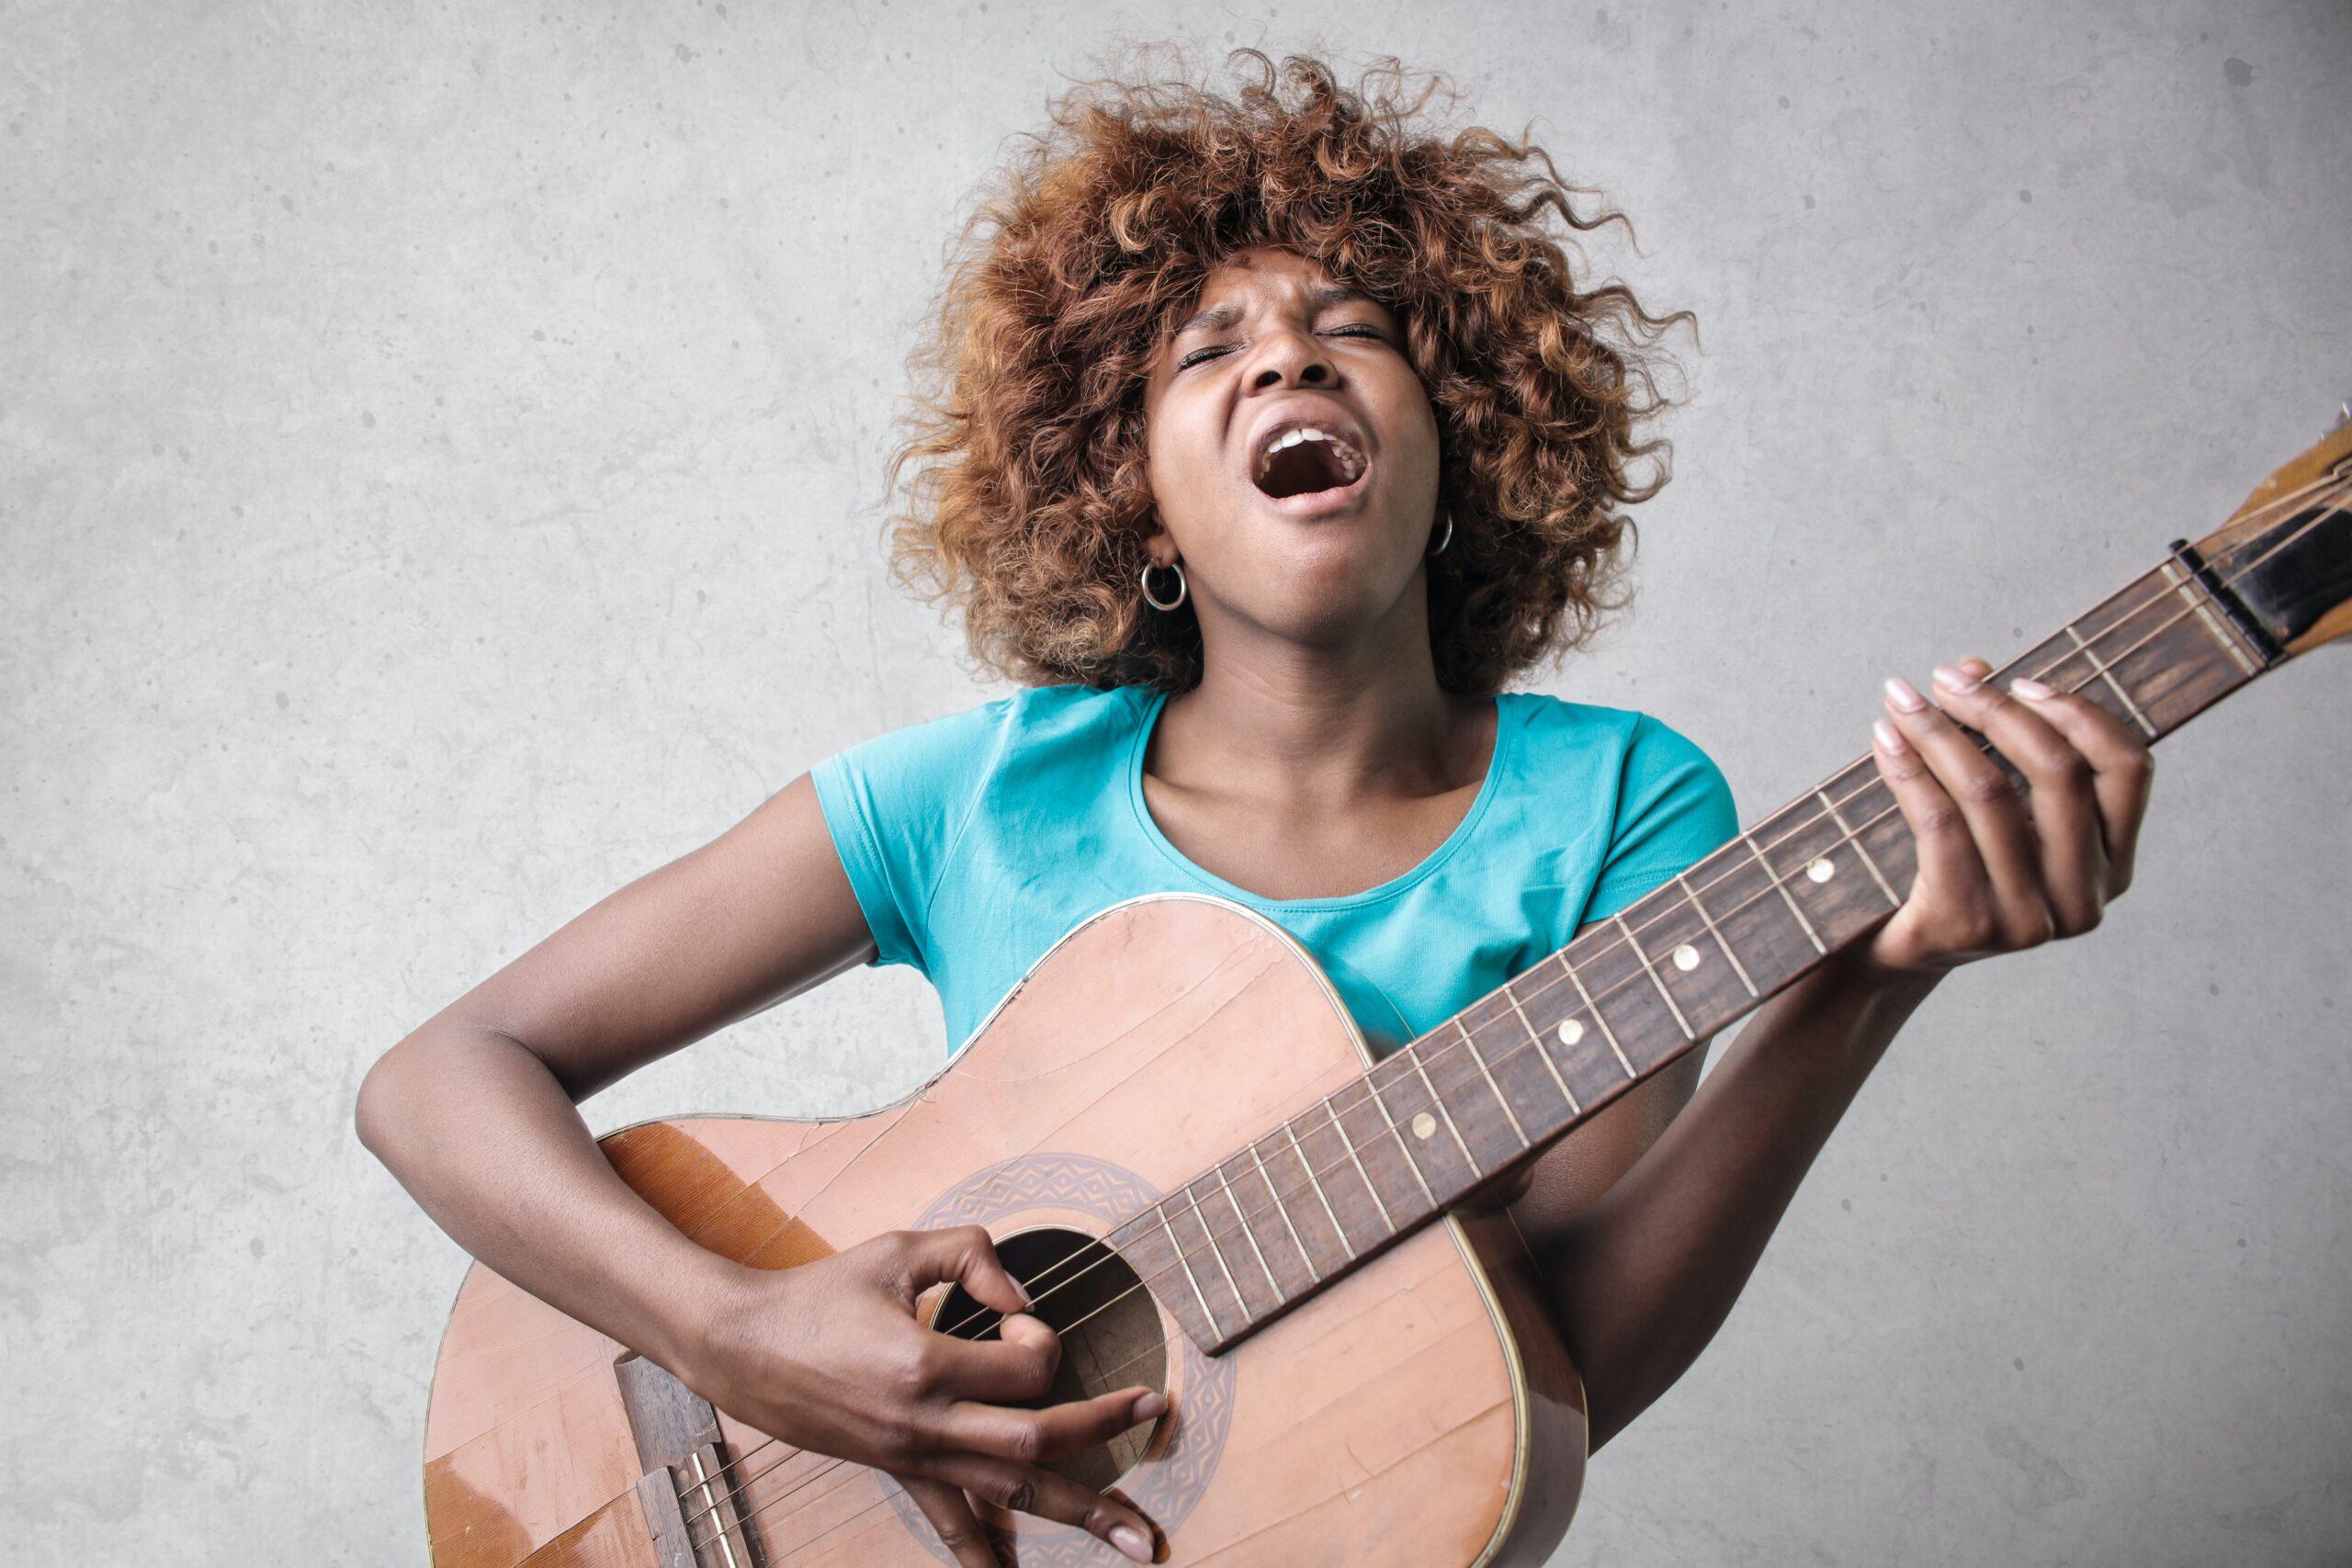 Peut-on apprendre à chanter et jouer de la musique en même temps ?